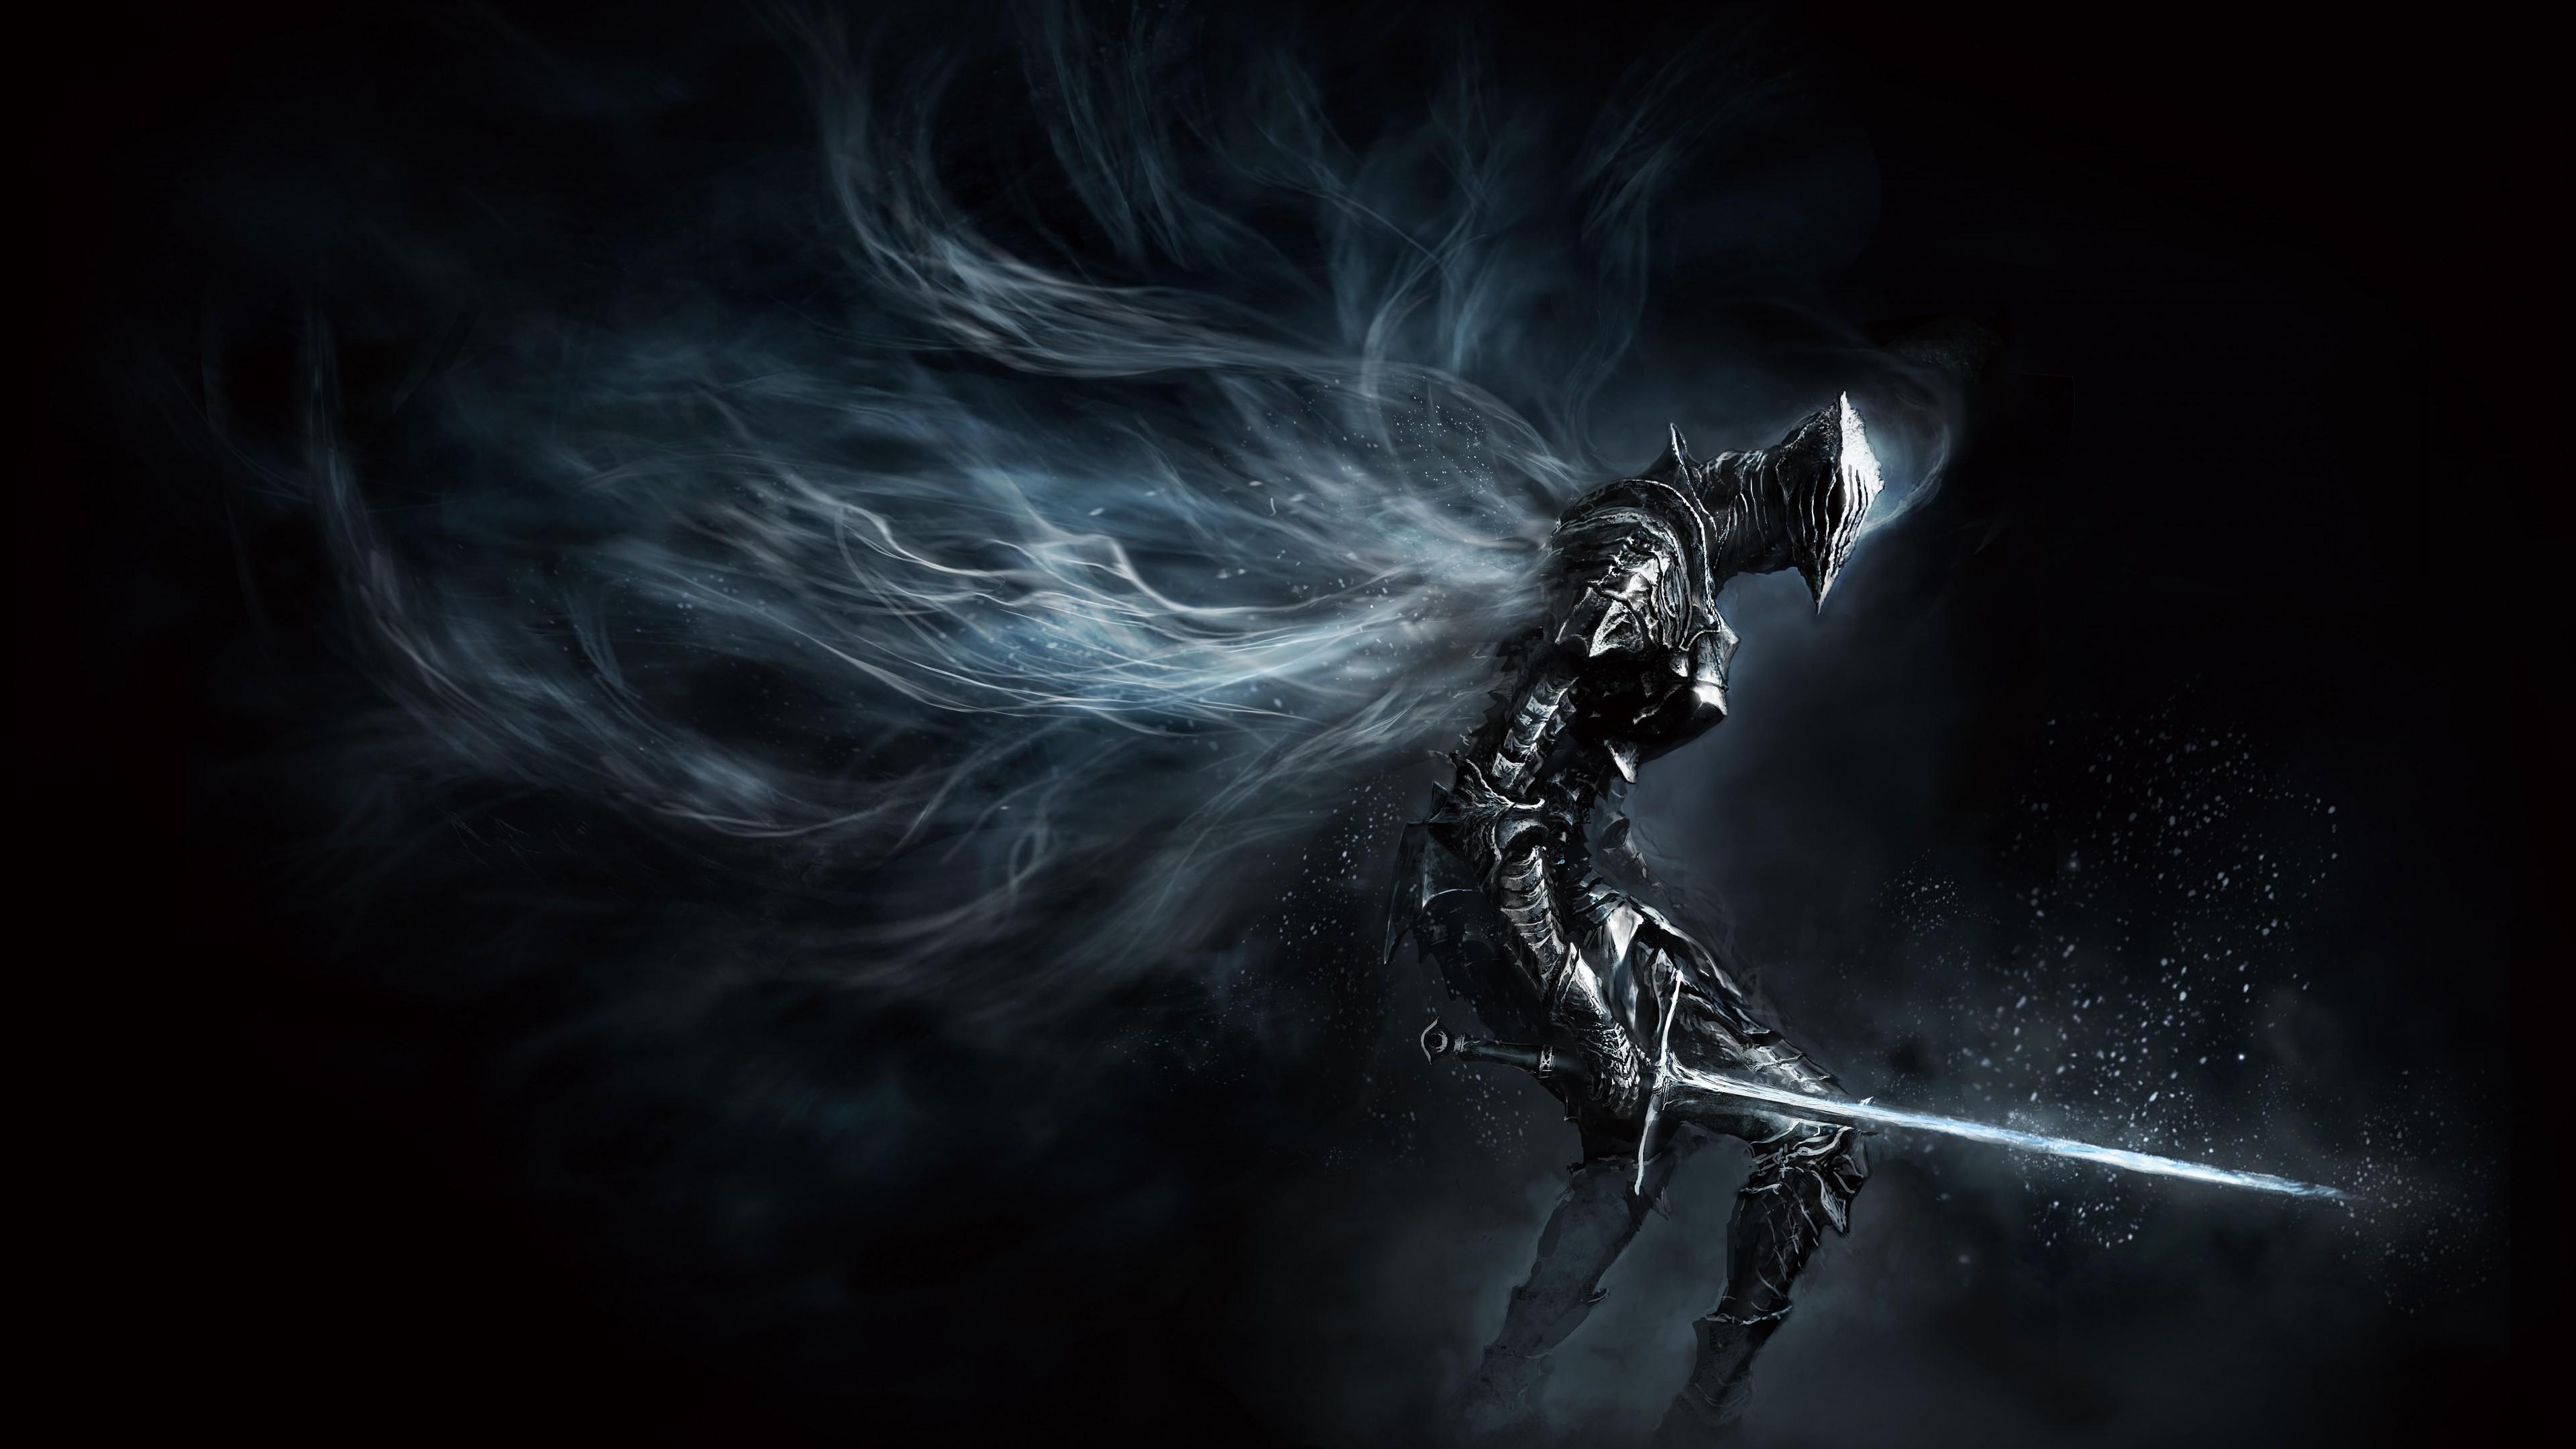 Воин в доспехах и сверкающим мечом  во вселенной среди звезд